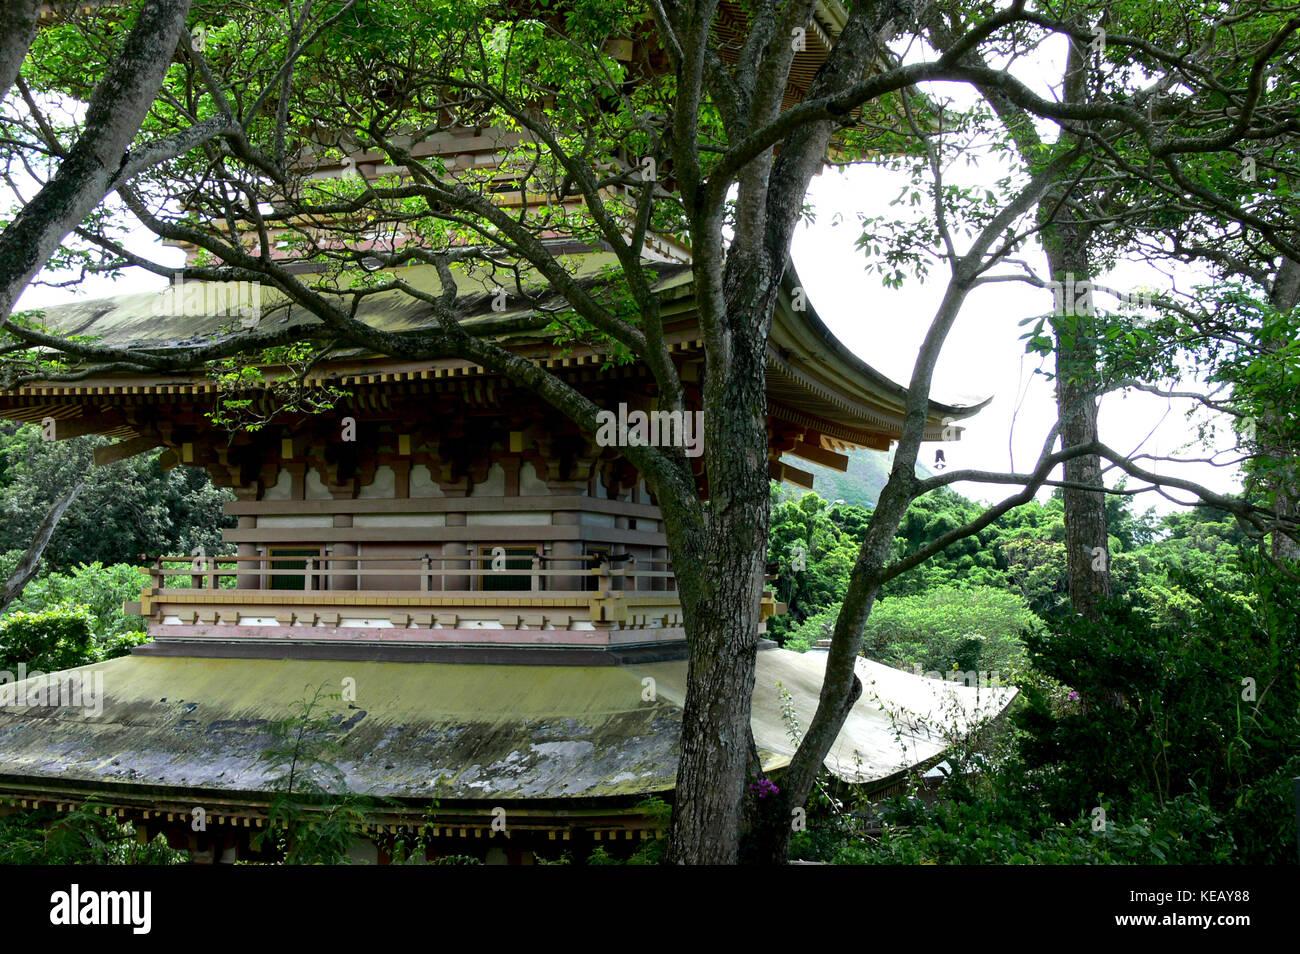 Sanju (Nuuanu) Pagoda - Oahu, Hawaii - Stock Image